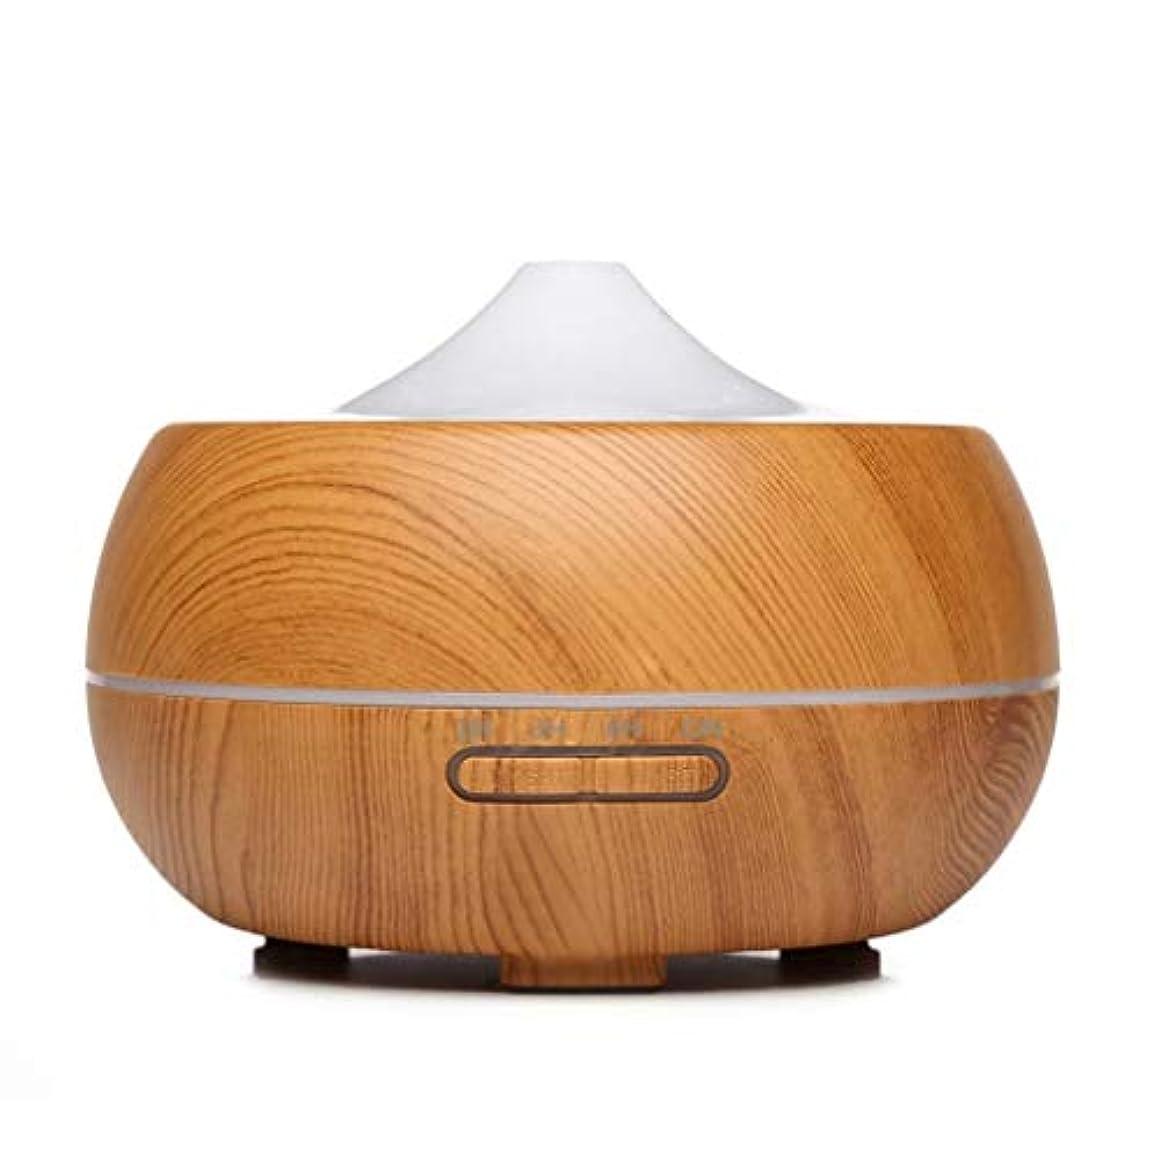 大胆不敵周術期連続したオイルディフューザーエッセンシャルオイル300ミリリットルエッセンシャルオイルディフューザー電動クールミスト加湿器空気清浄機ウォーターレスオートオフ空気清浄機 (Color : Light Wood Grain)